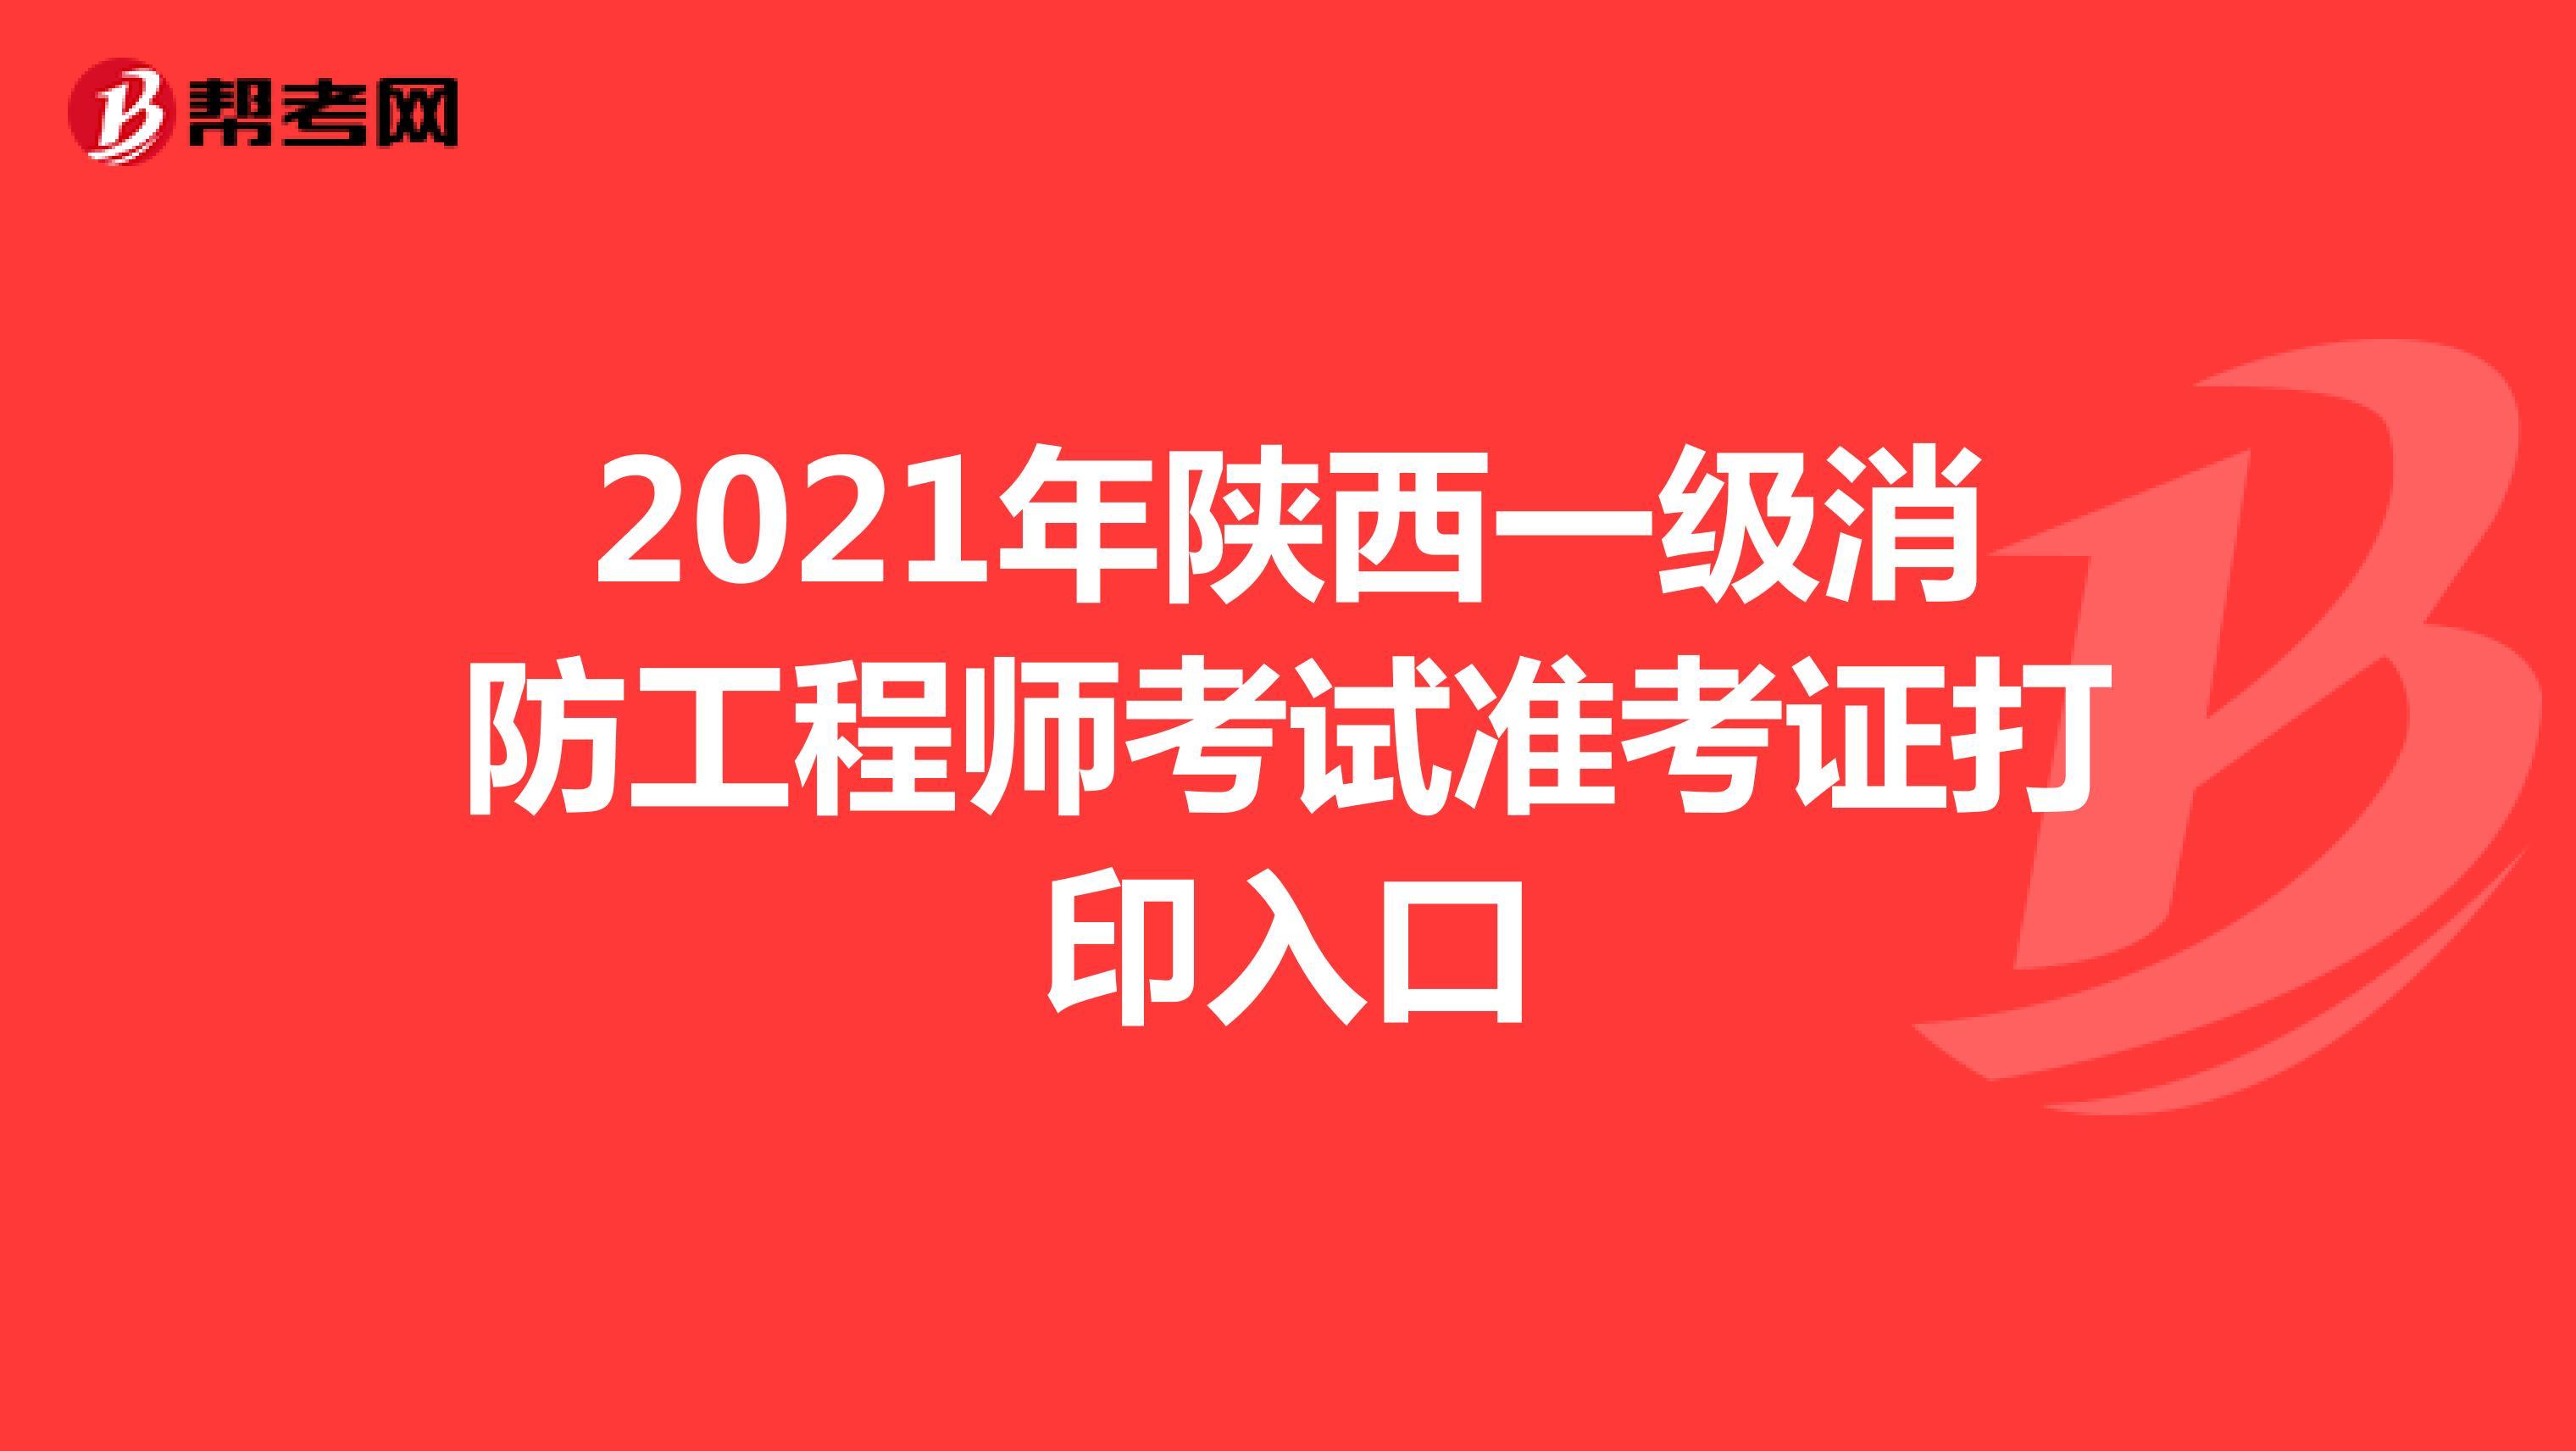 2021年陕西一级消防工程师考试准考证打印入口